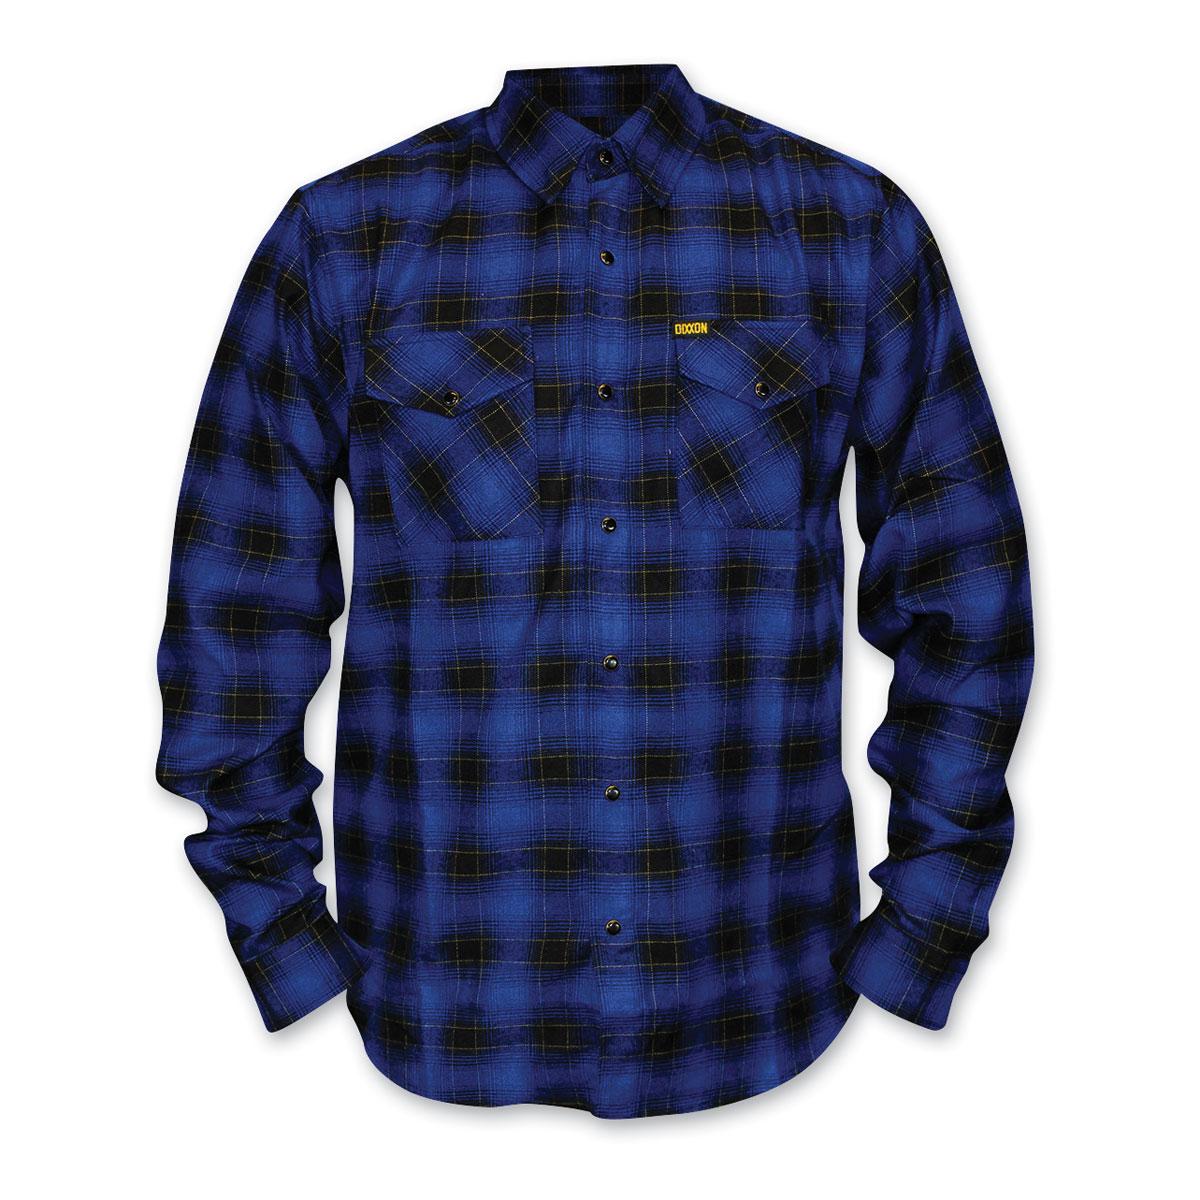 Dixxon Men's J&P Cycles Exclusive Flannel Shirt